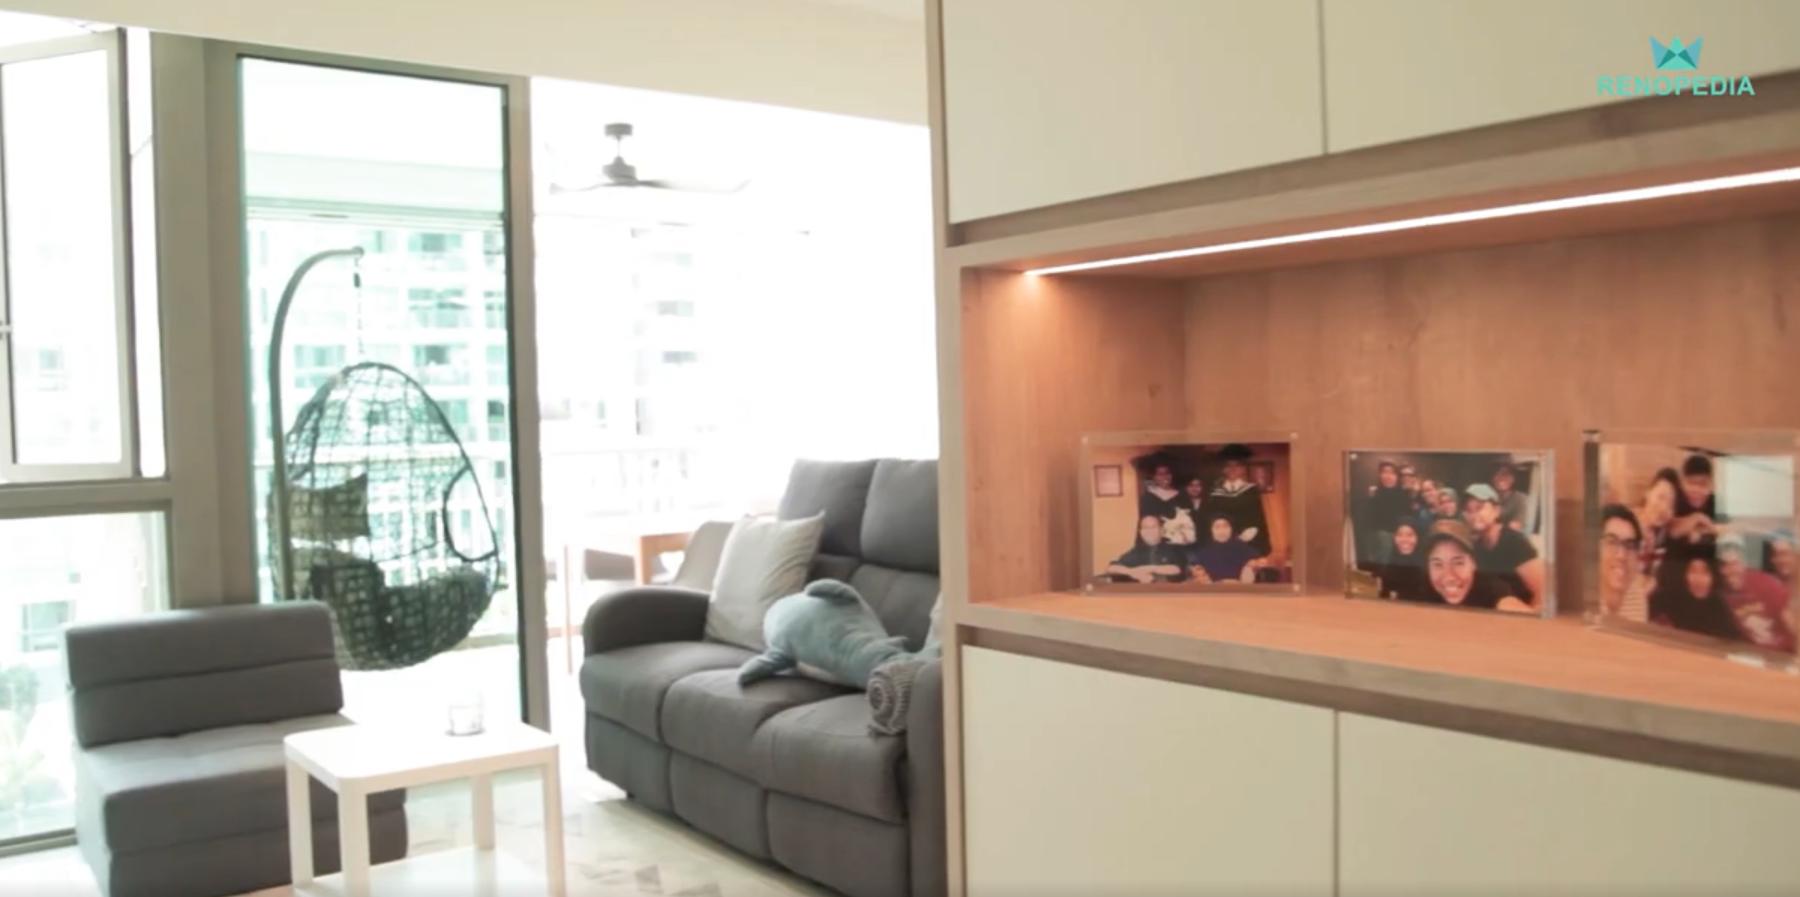 Interior Design Singapore | Minimalistic Home (TM Designers)